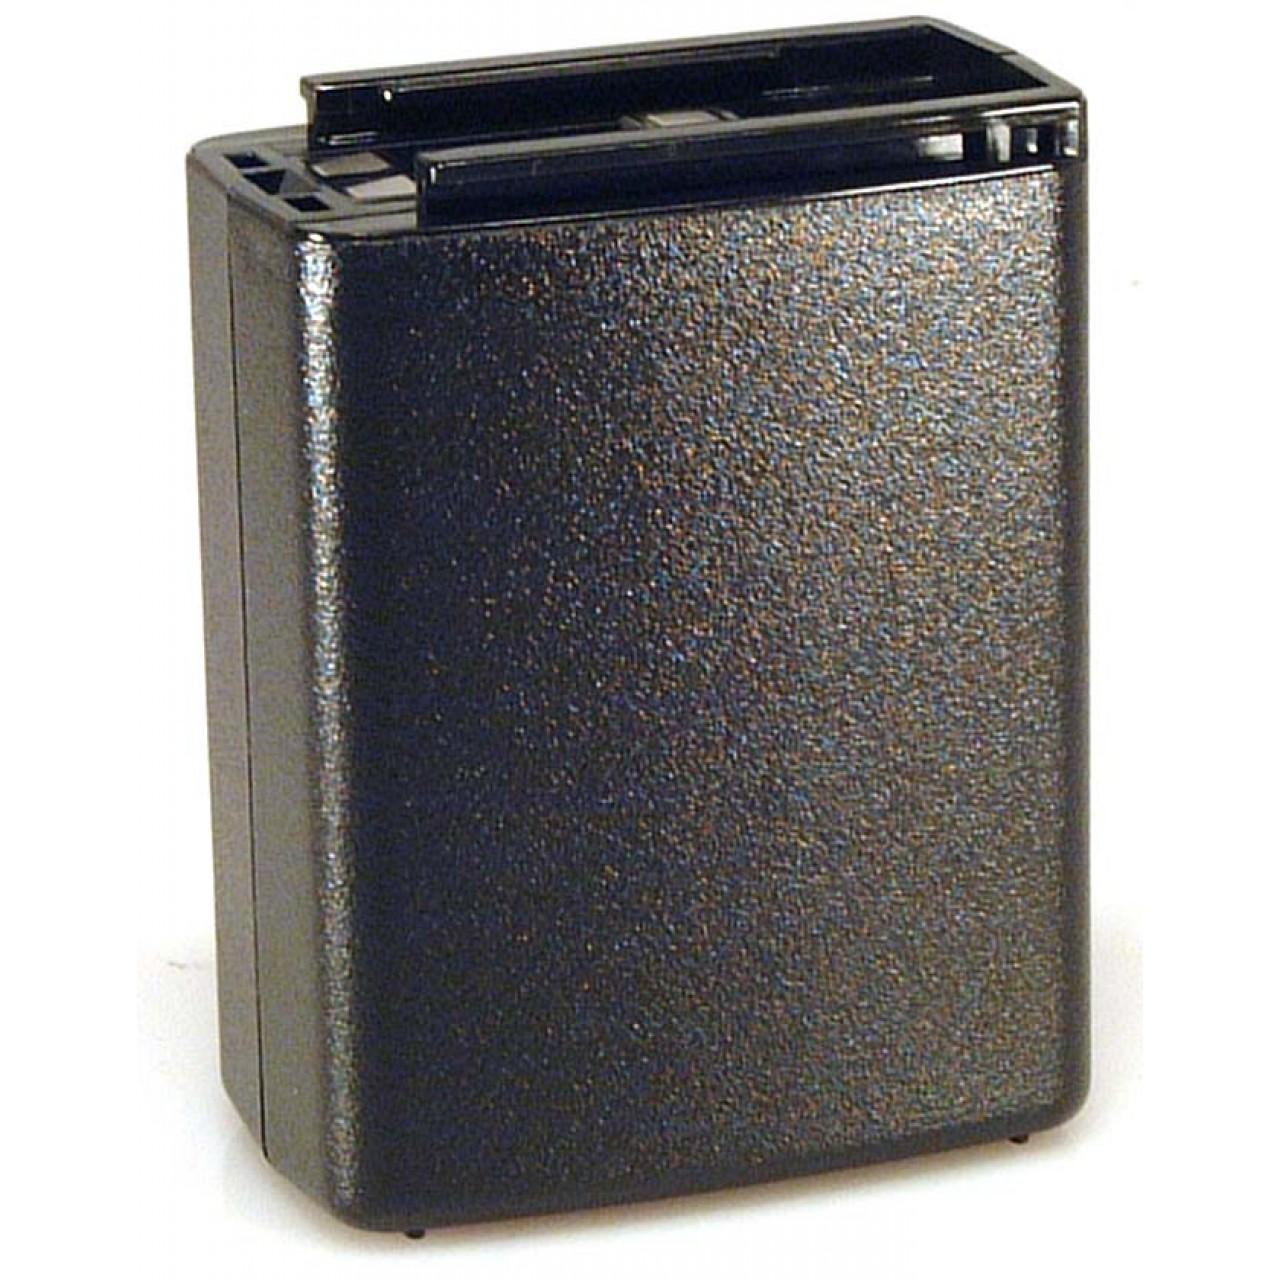 CM-ATIC166MB Batteries et boitiers piles - ICOM